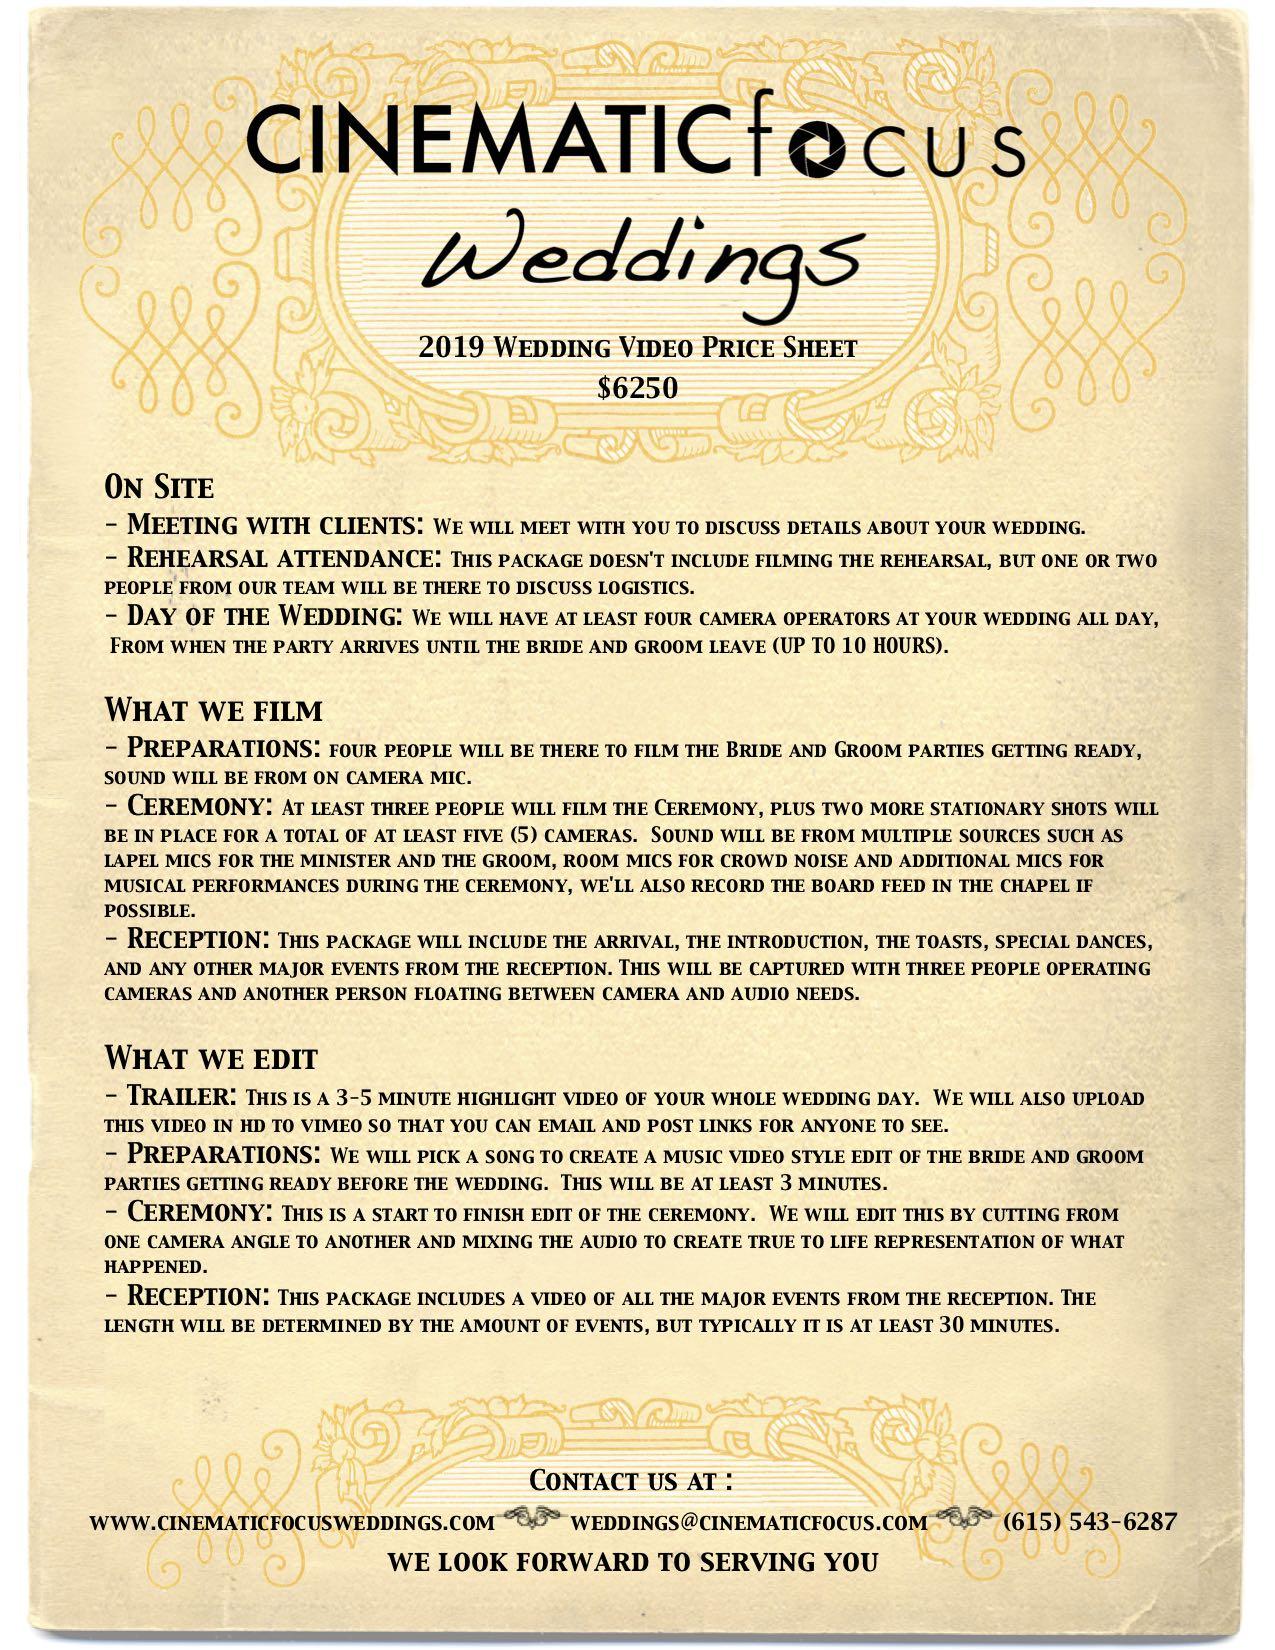 2019 Wedding Video Price Sheet.jpg